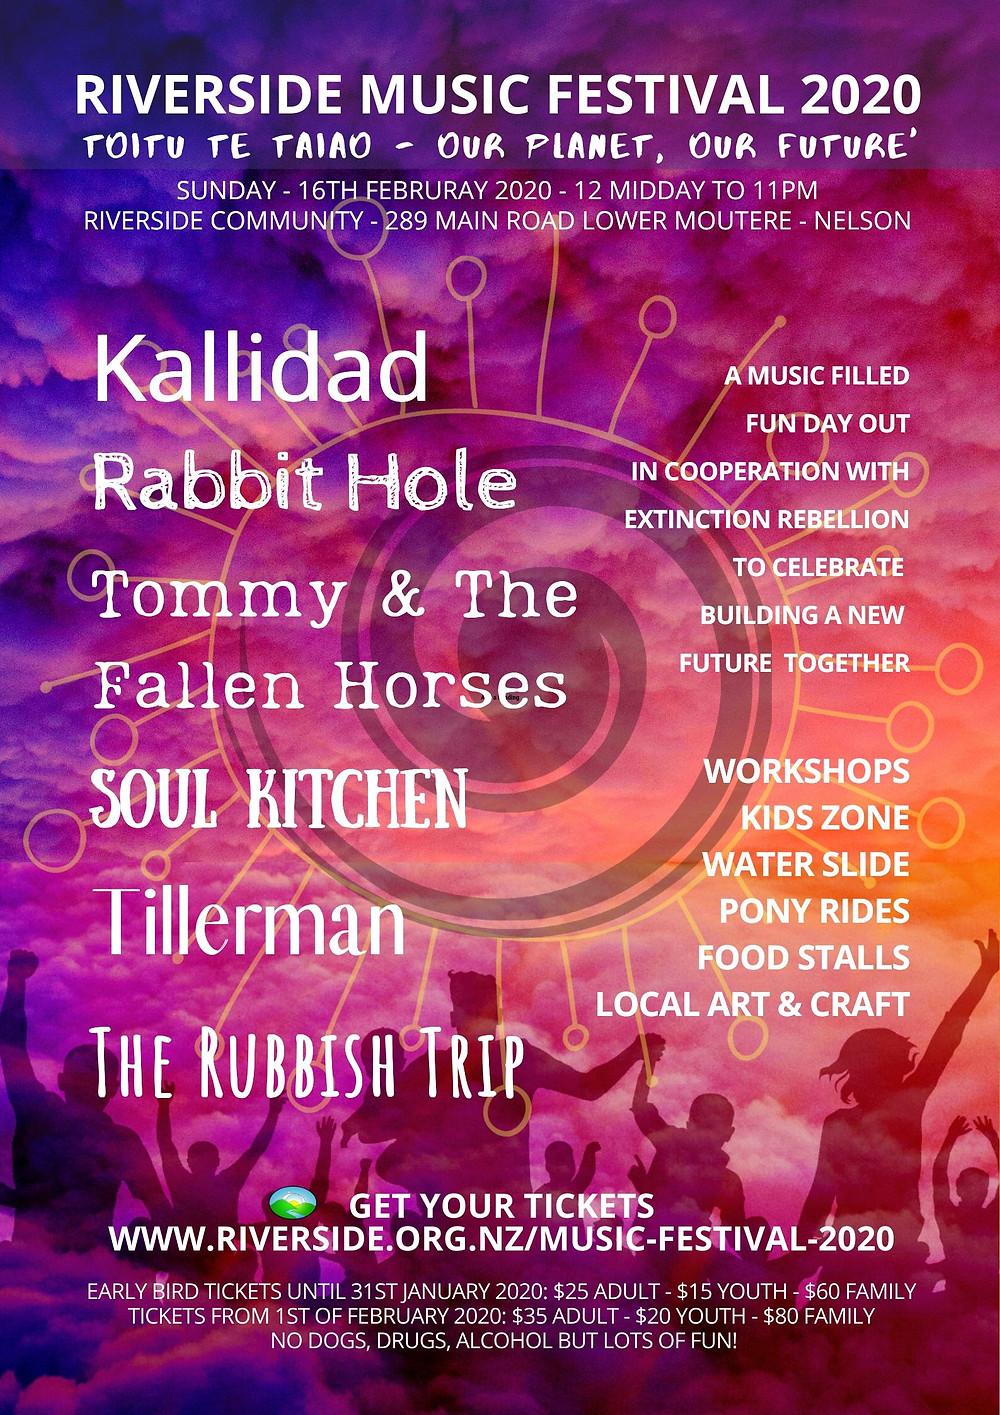 Music Festival 2020 at Riverside